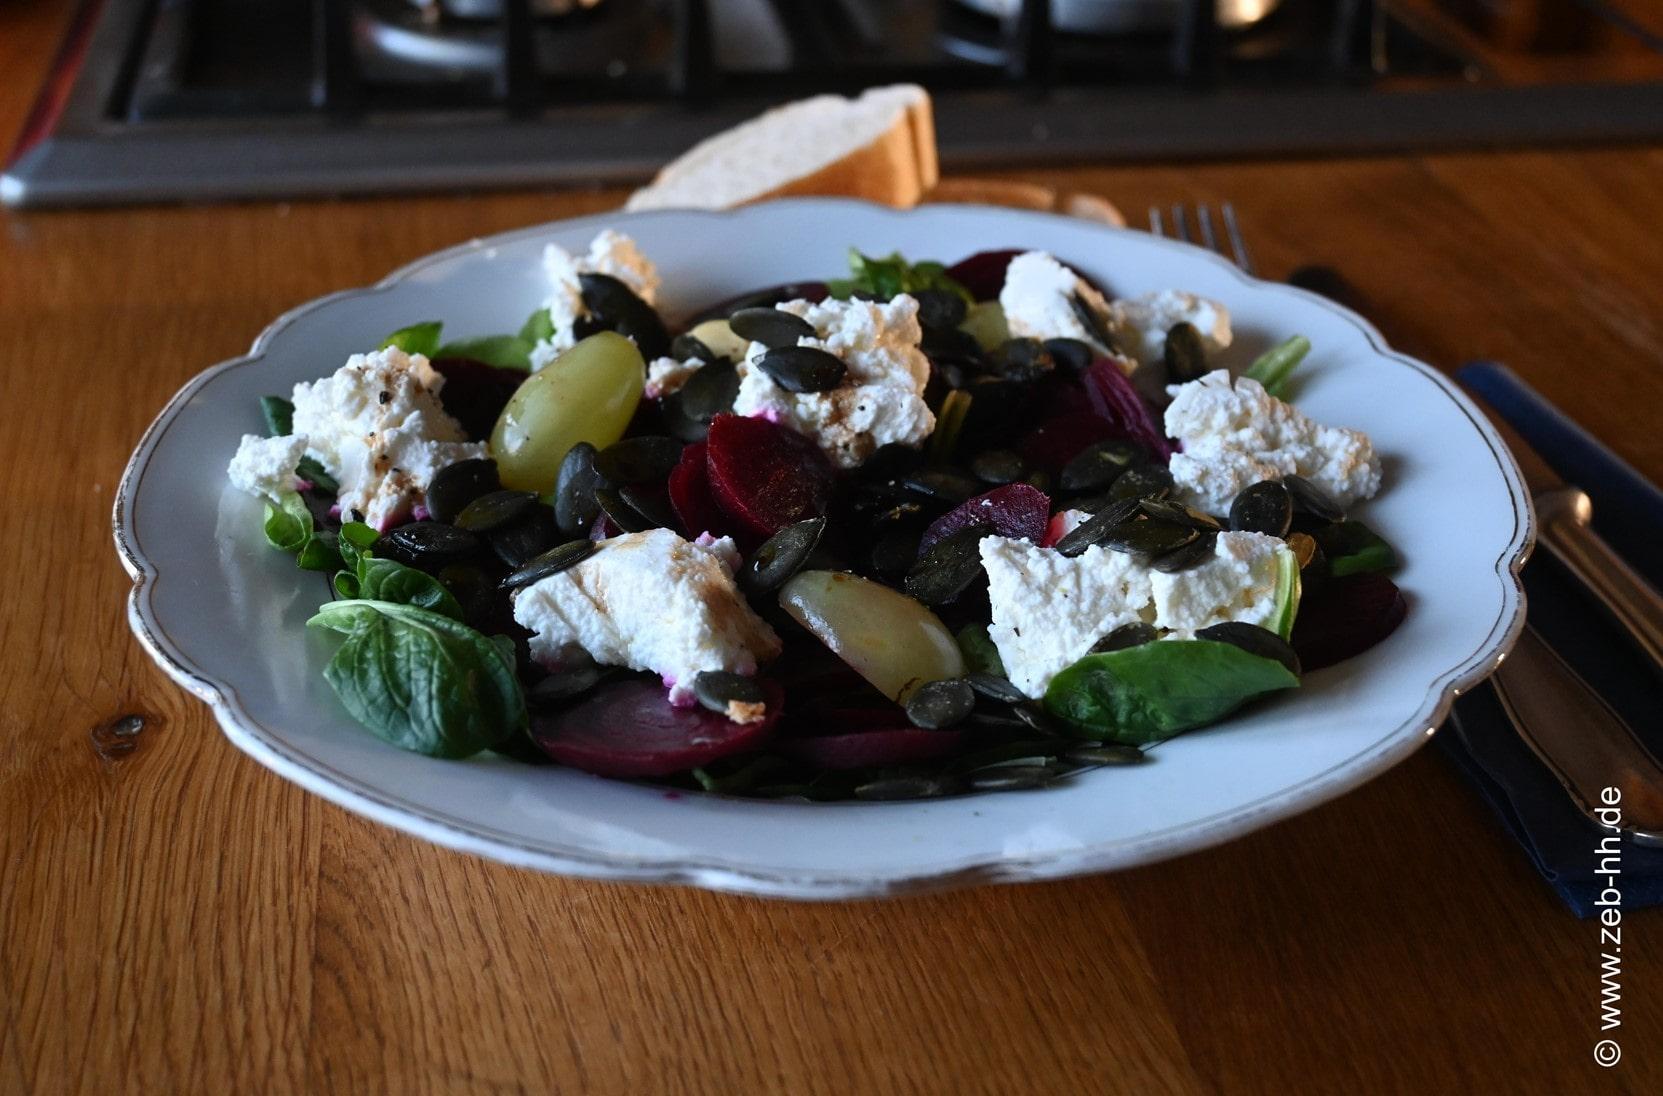 Ernährungsberatung Tessa Lorenz - Leckere und gesunde Rezepte